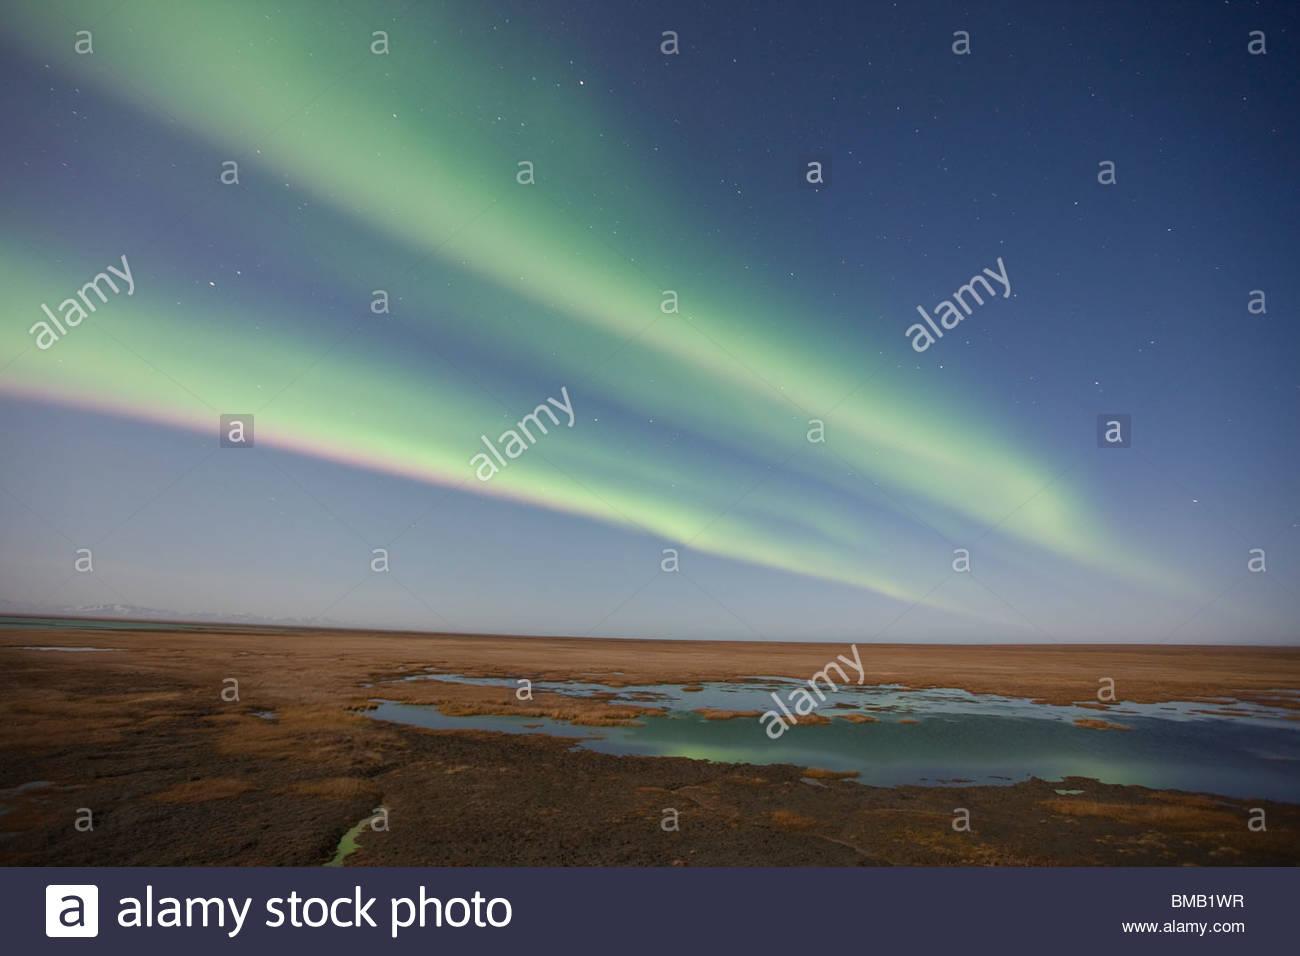 Tendaggi colorati di luci del nord (aurora boreale) dance nel cielo notturno sopra la tundra artica sulla pianura Immagini Stock